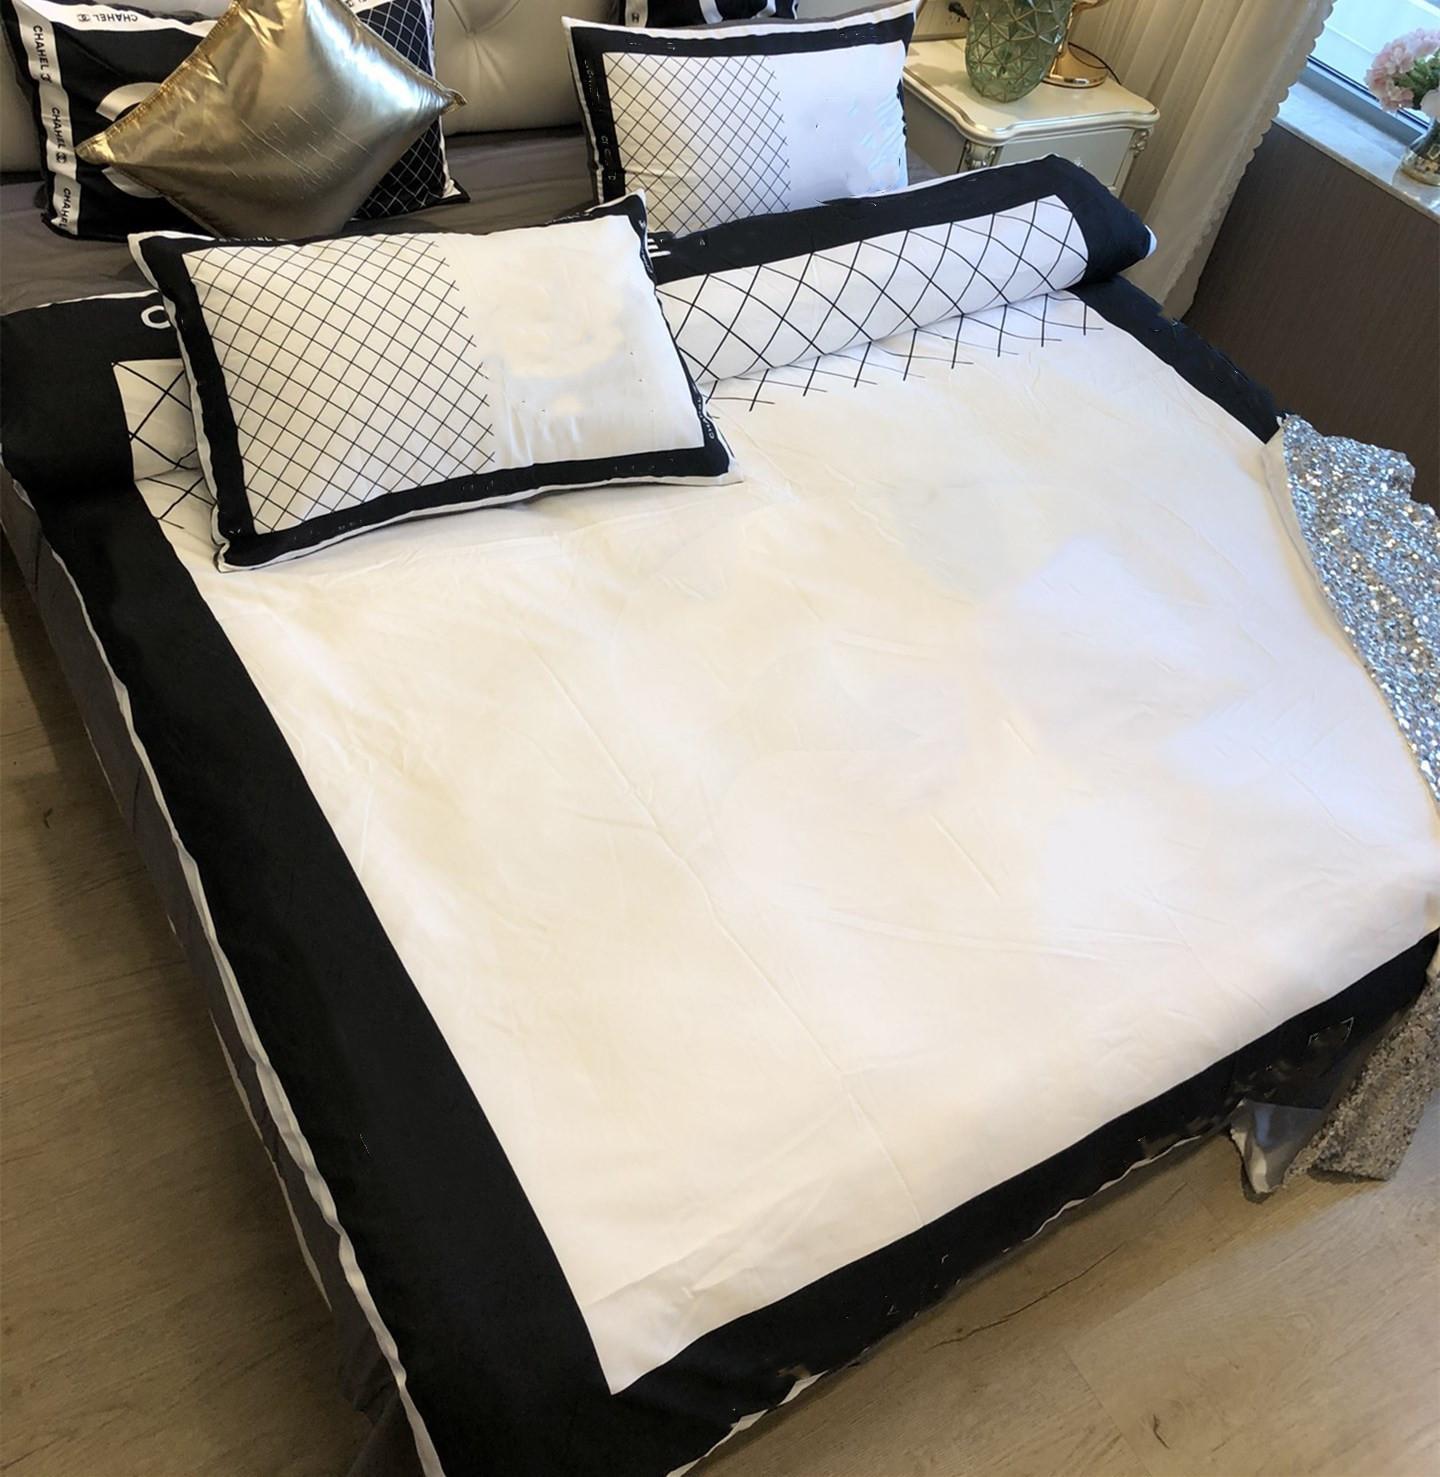 Conjuntos de cama tecidos de algodão queen size acolchoado 2 travesseiro casos cama de cama duvet cover